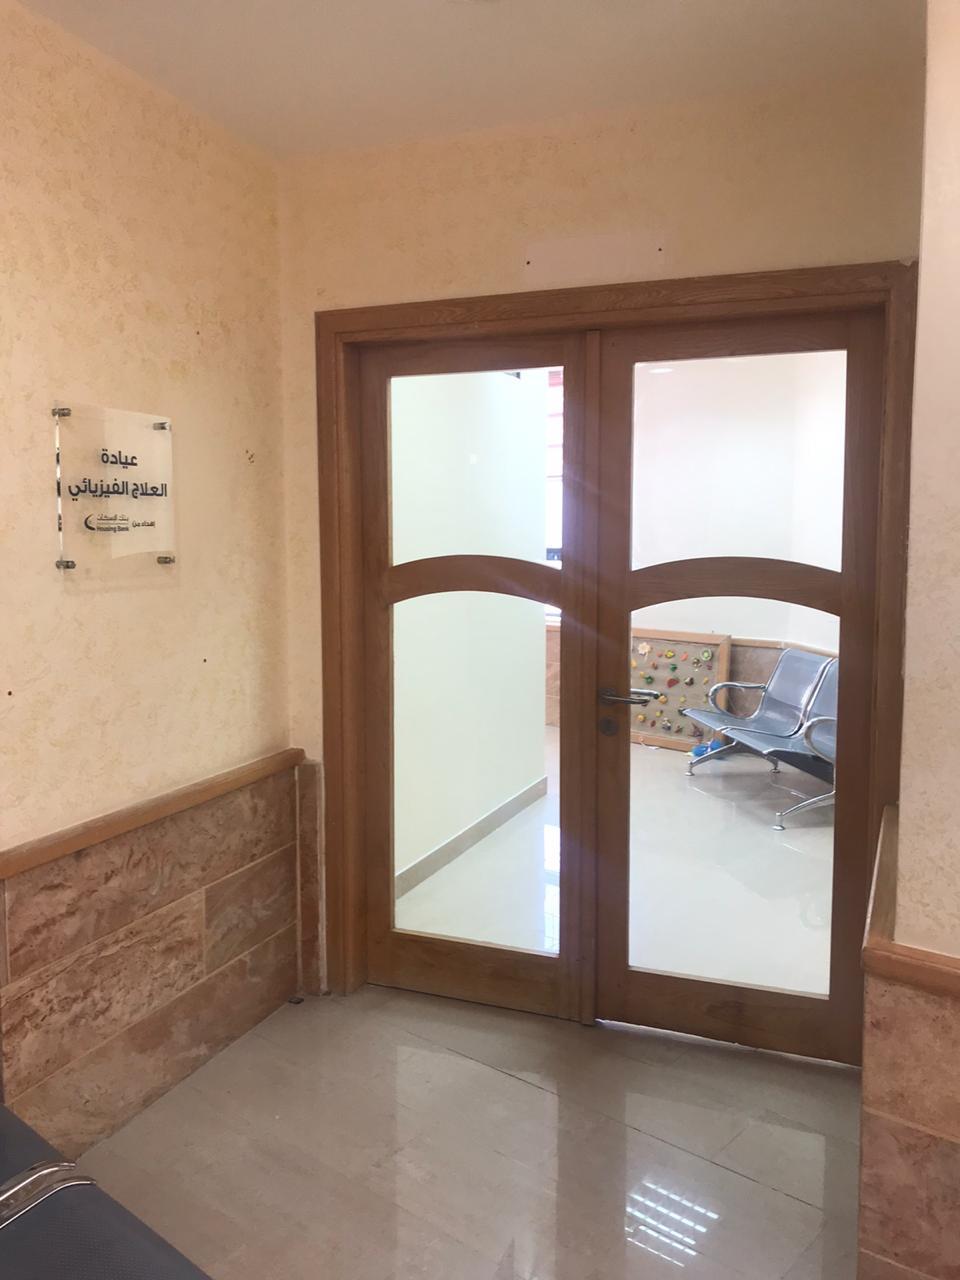 بنك الإسكان يدعم إقامة غرفة علاج فيزيائي في مركز العناية بصحة المرأة / الطفيلة